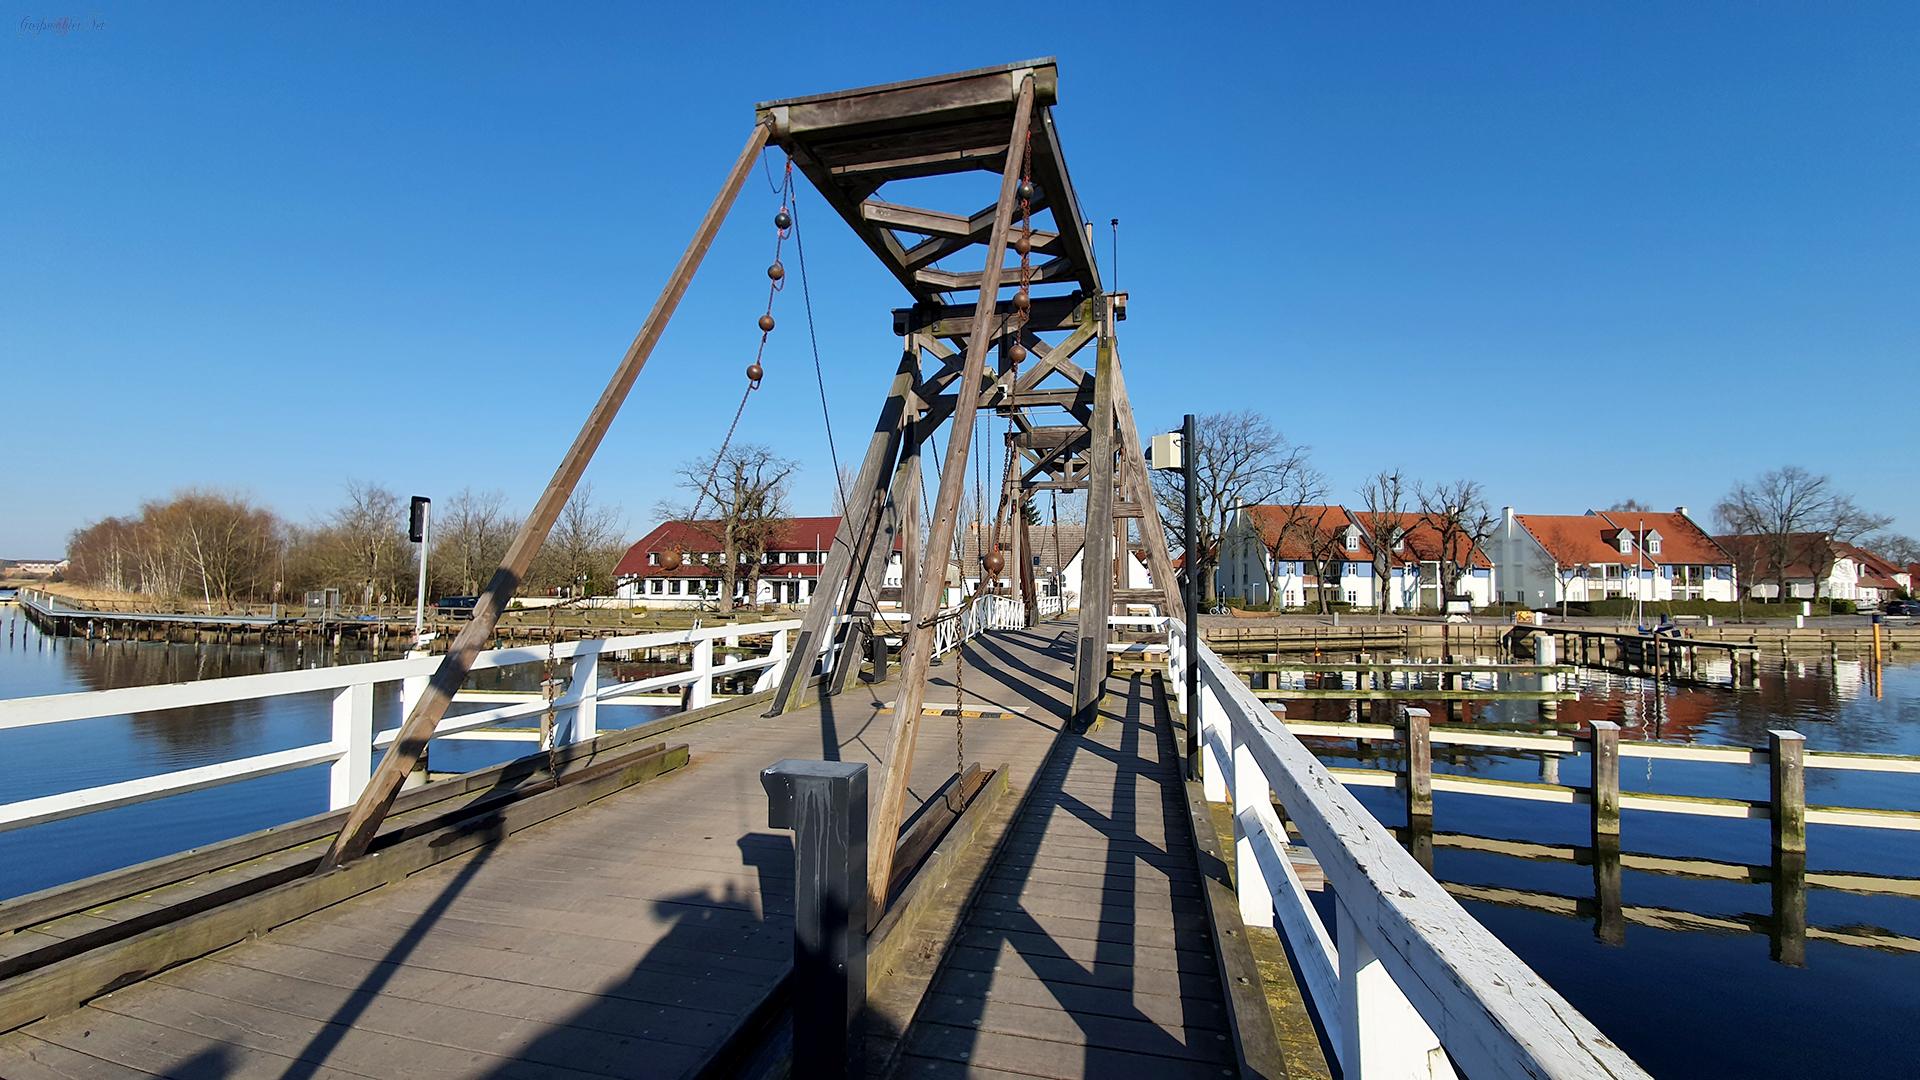 Frühlingswetter an der Holzklappbrücke in Greifswald-Wieck